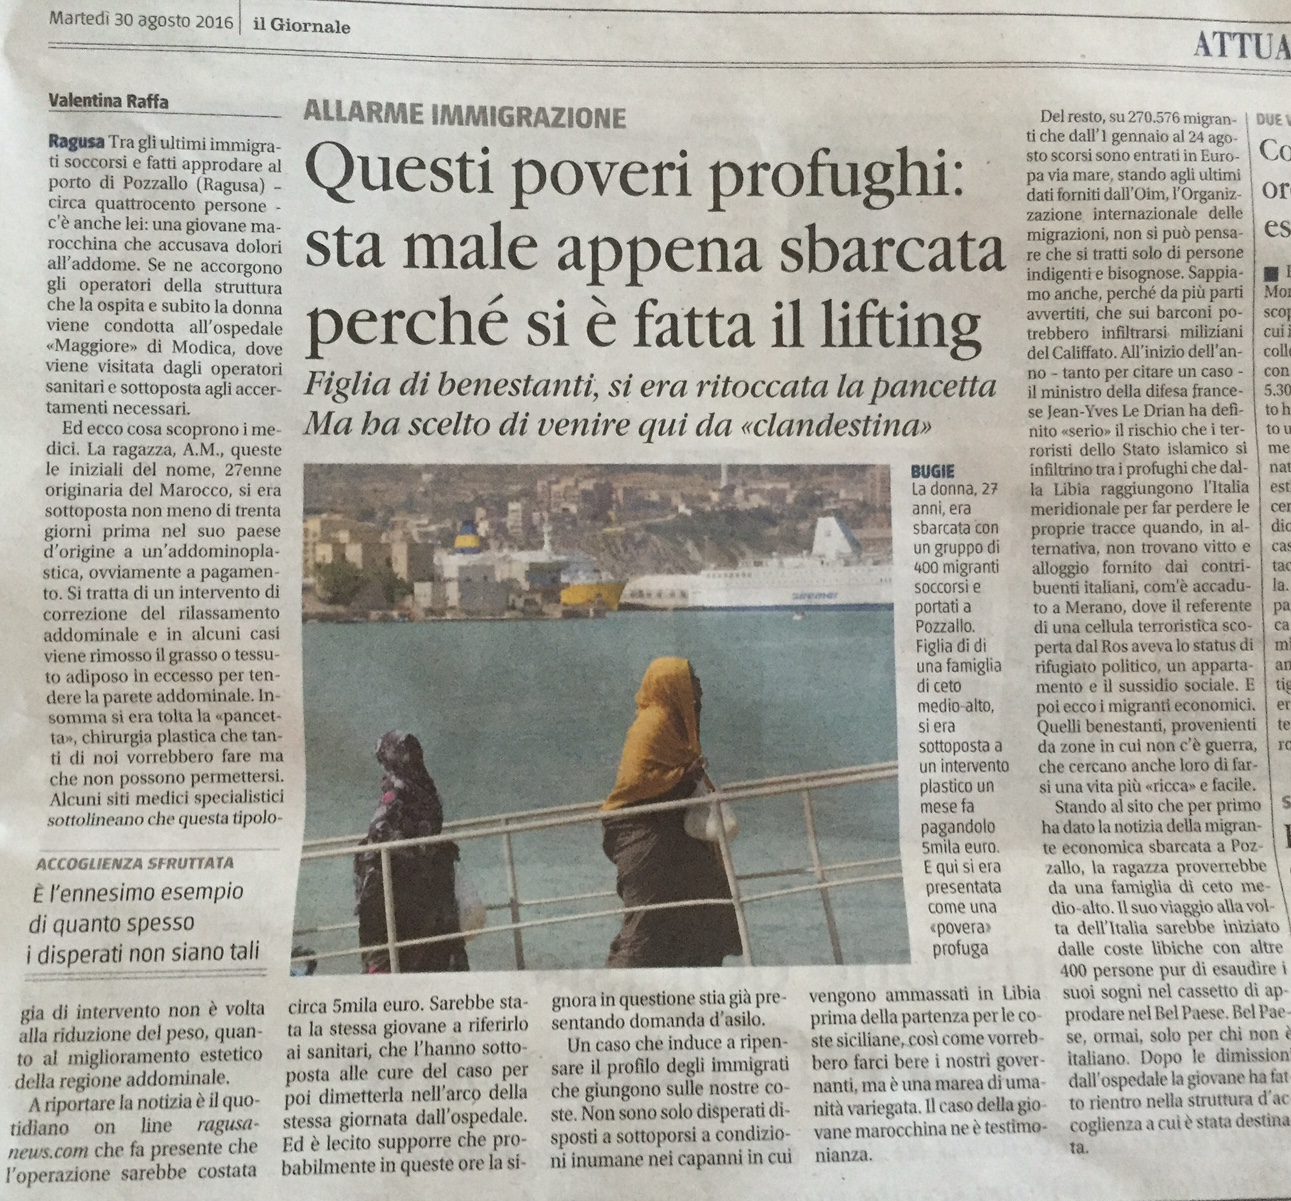 migrante-col-lifting-il-giornale-cita-ragusanews